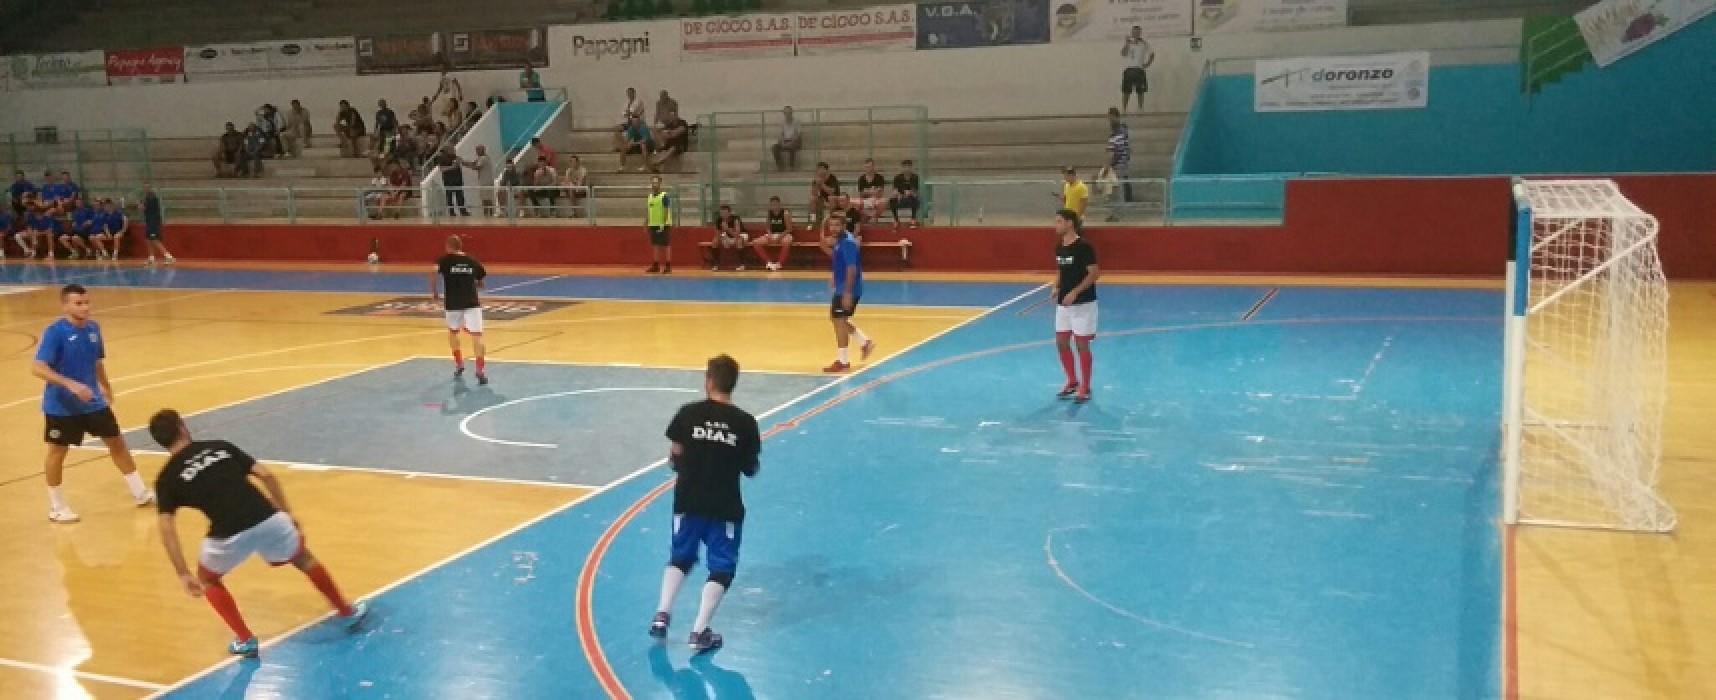 Futsal Bisceglie: oggi la presentazione, ieri test vittorioso con la Diaz C5